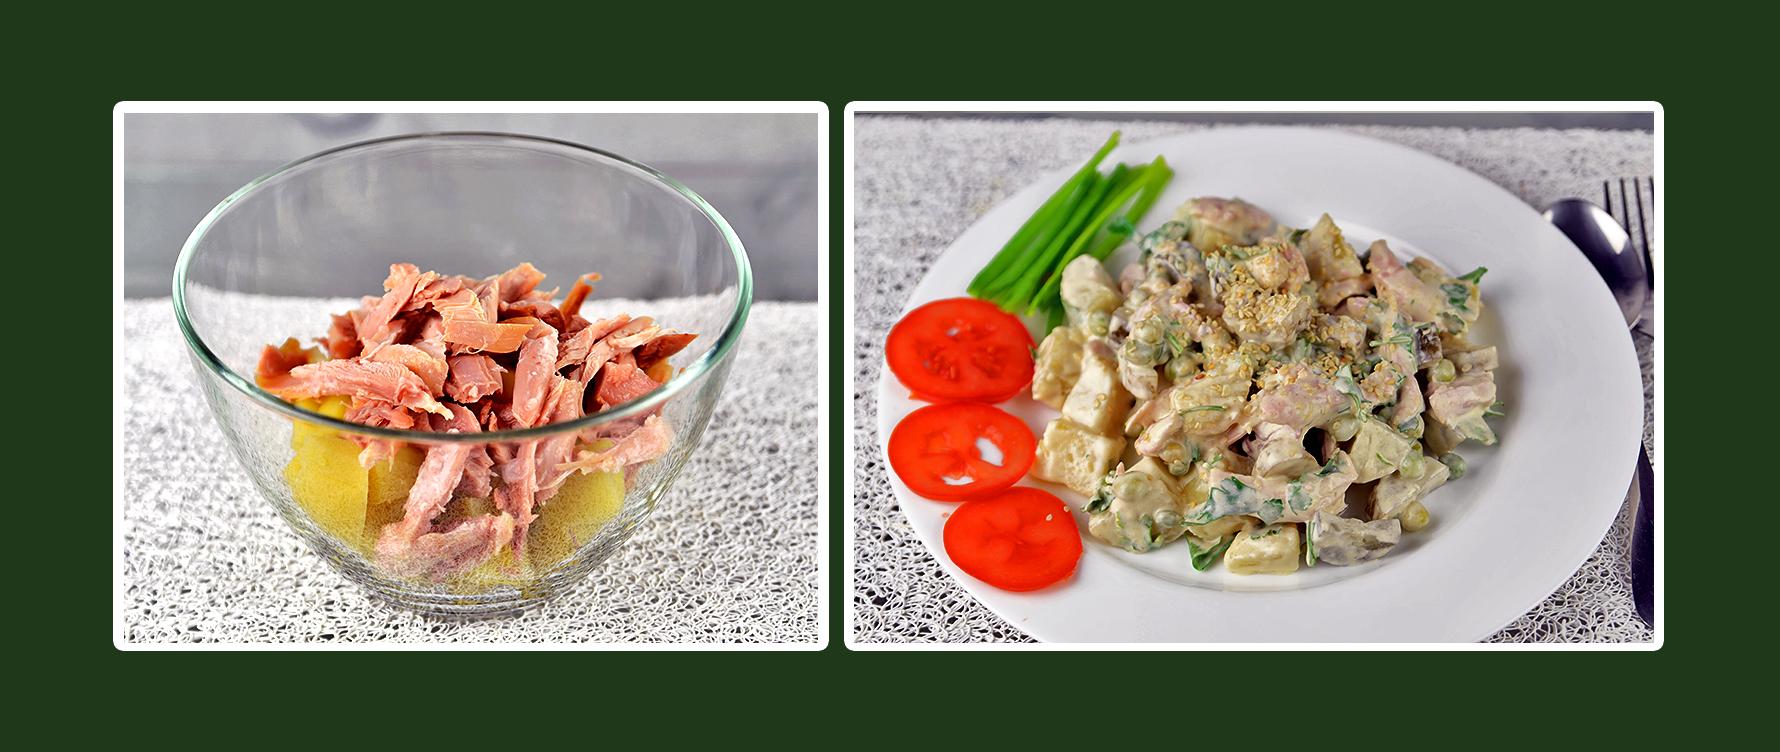 Salat mit geräuchertem Hähnchen und Dressing aus Schmand & Senf